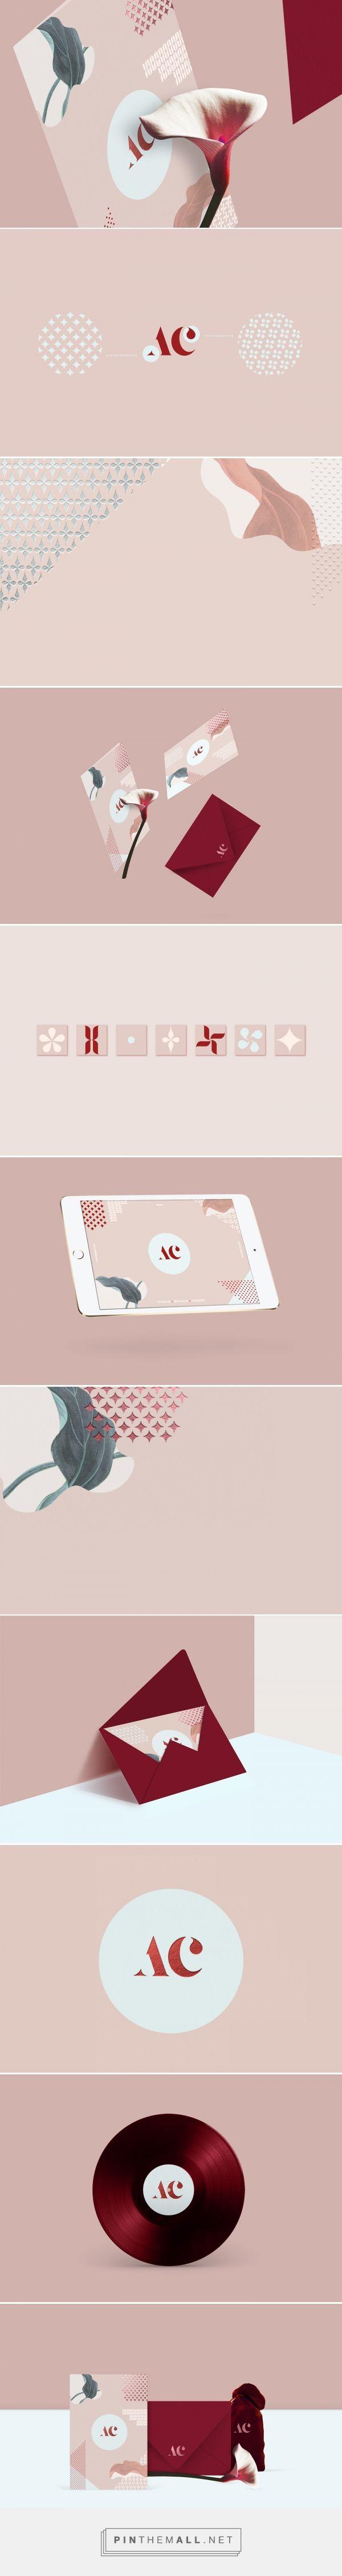 Identidade visual da marca AC, de Maria Hdez